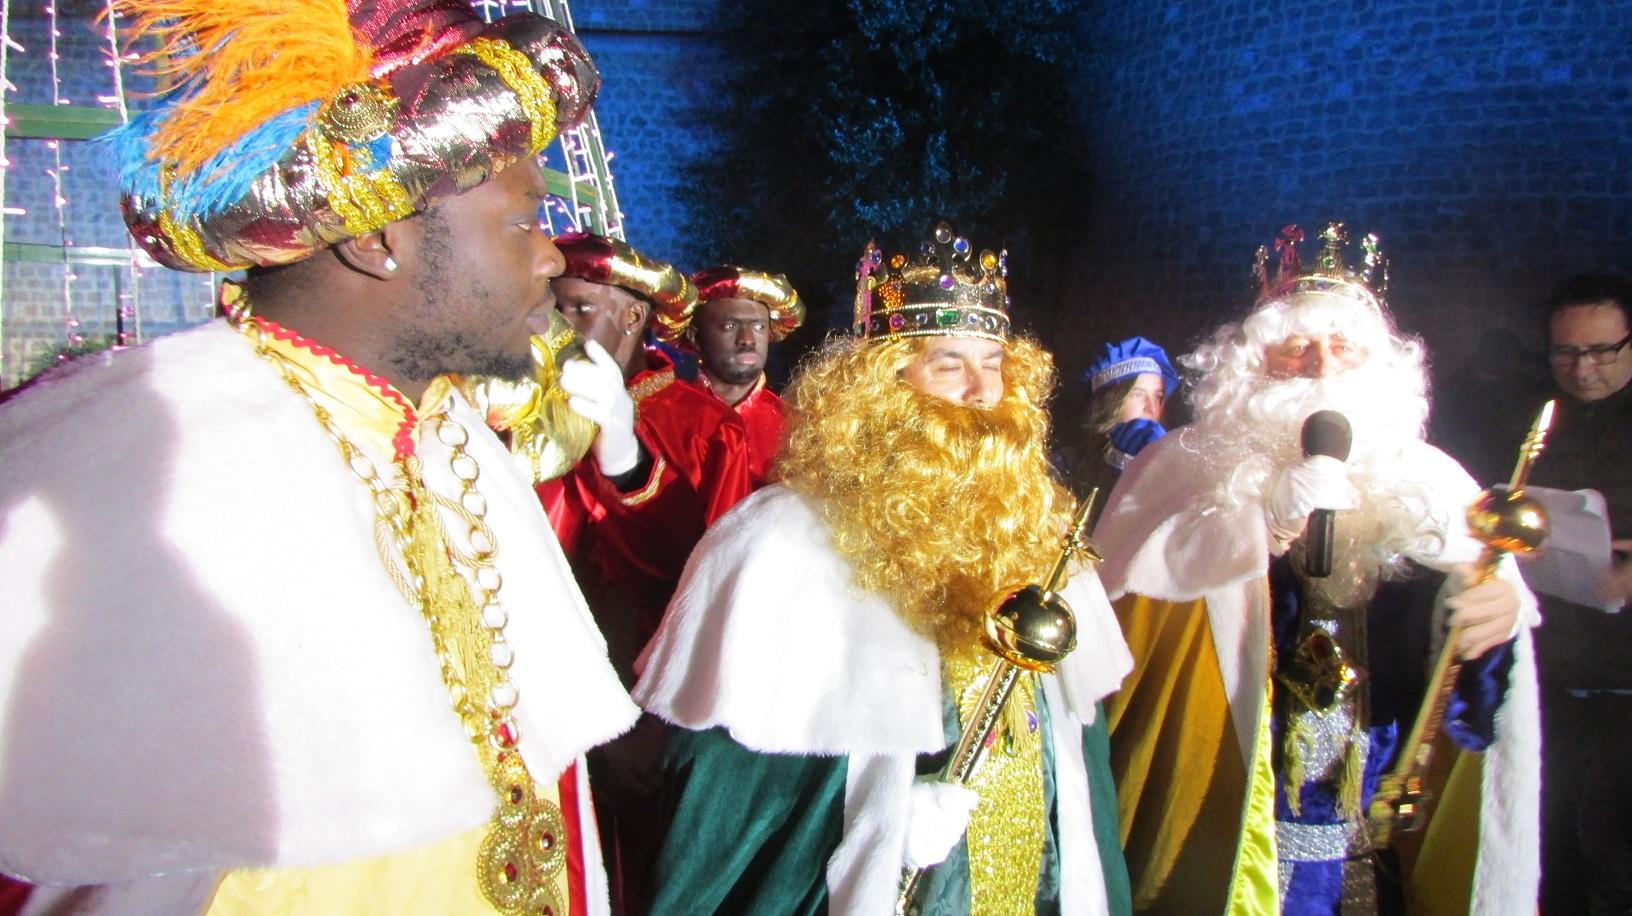 Roquetas de Mar se viste de fiesta para recibir a los Reyes Magos en una Cabalgata con 12 toneladas de caramelos